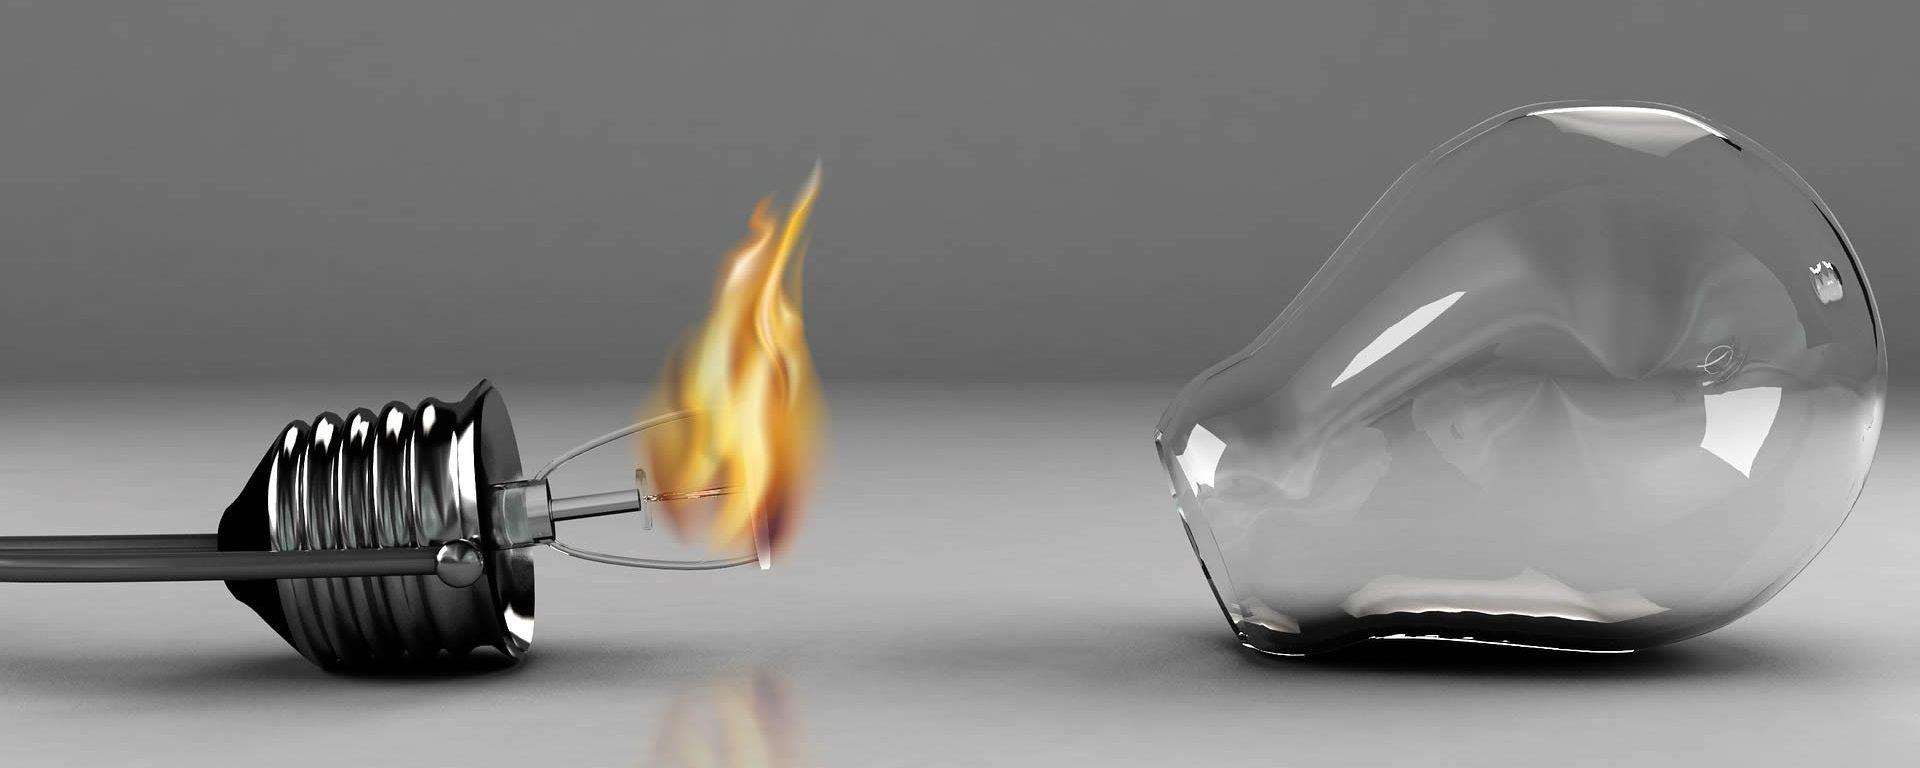 Incendio al quadro elettrico